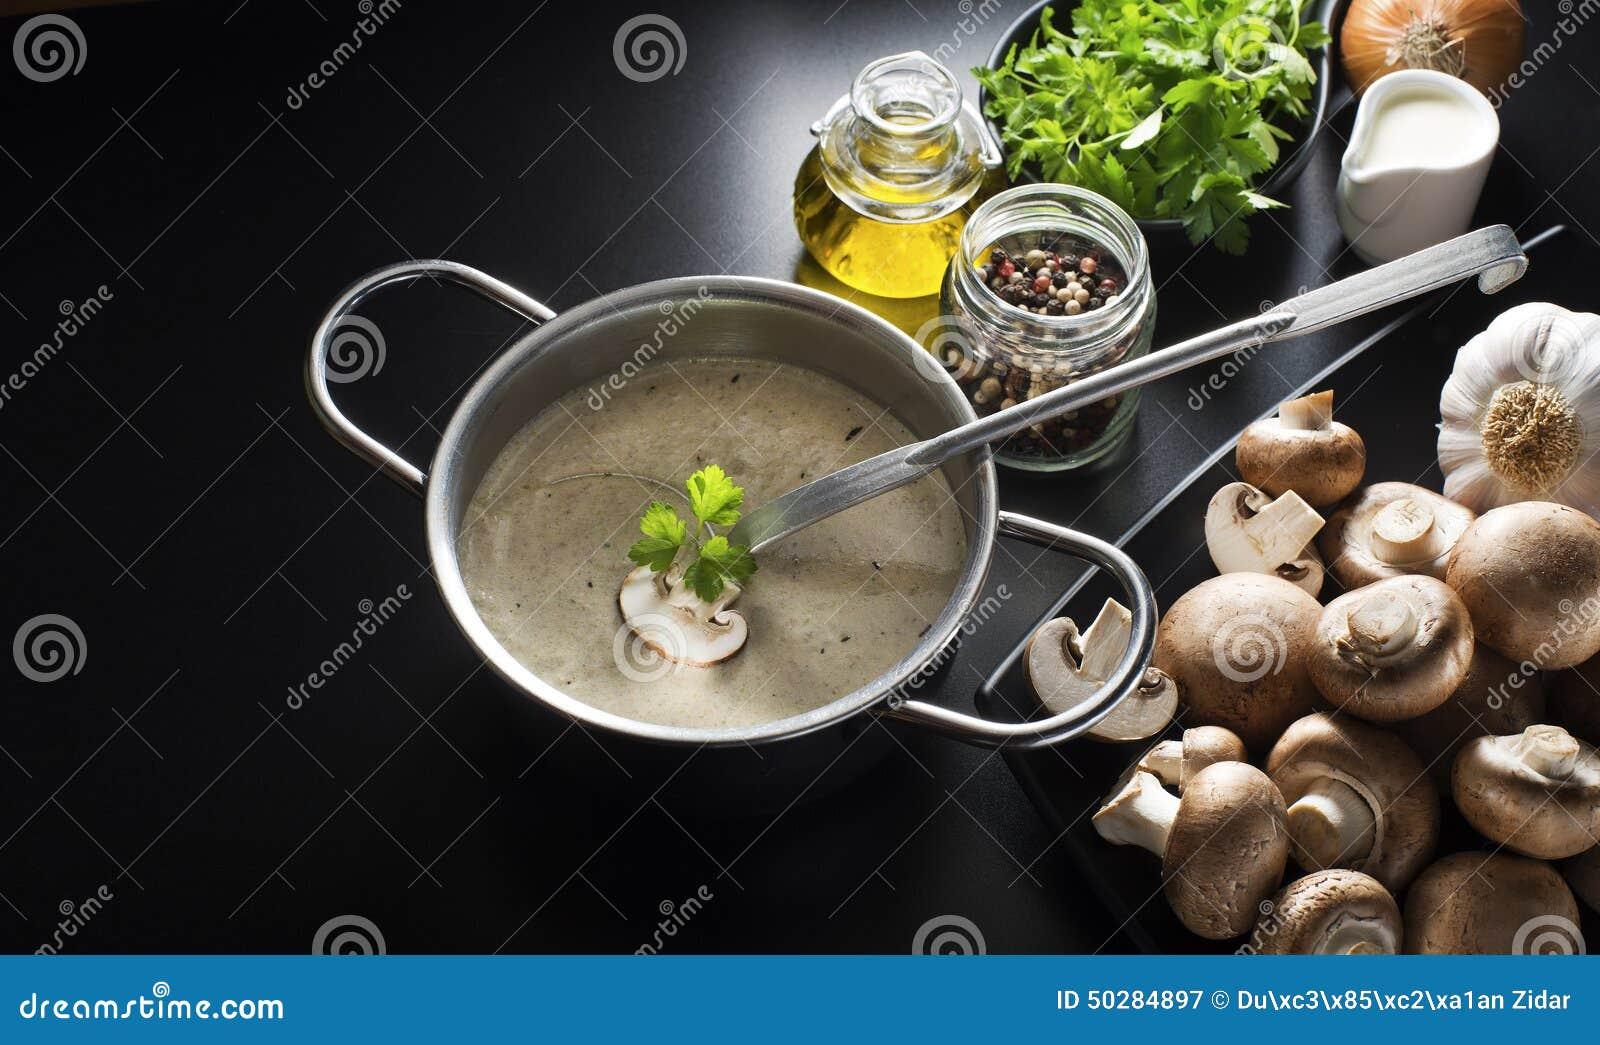 Potage crème avec des champignons de couche